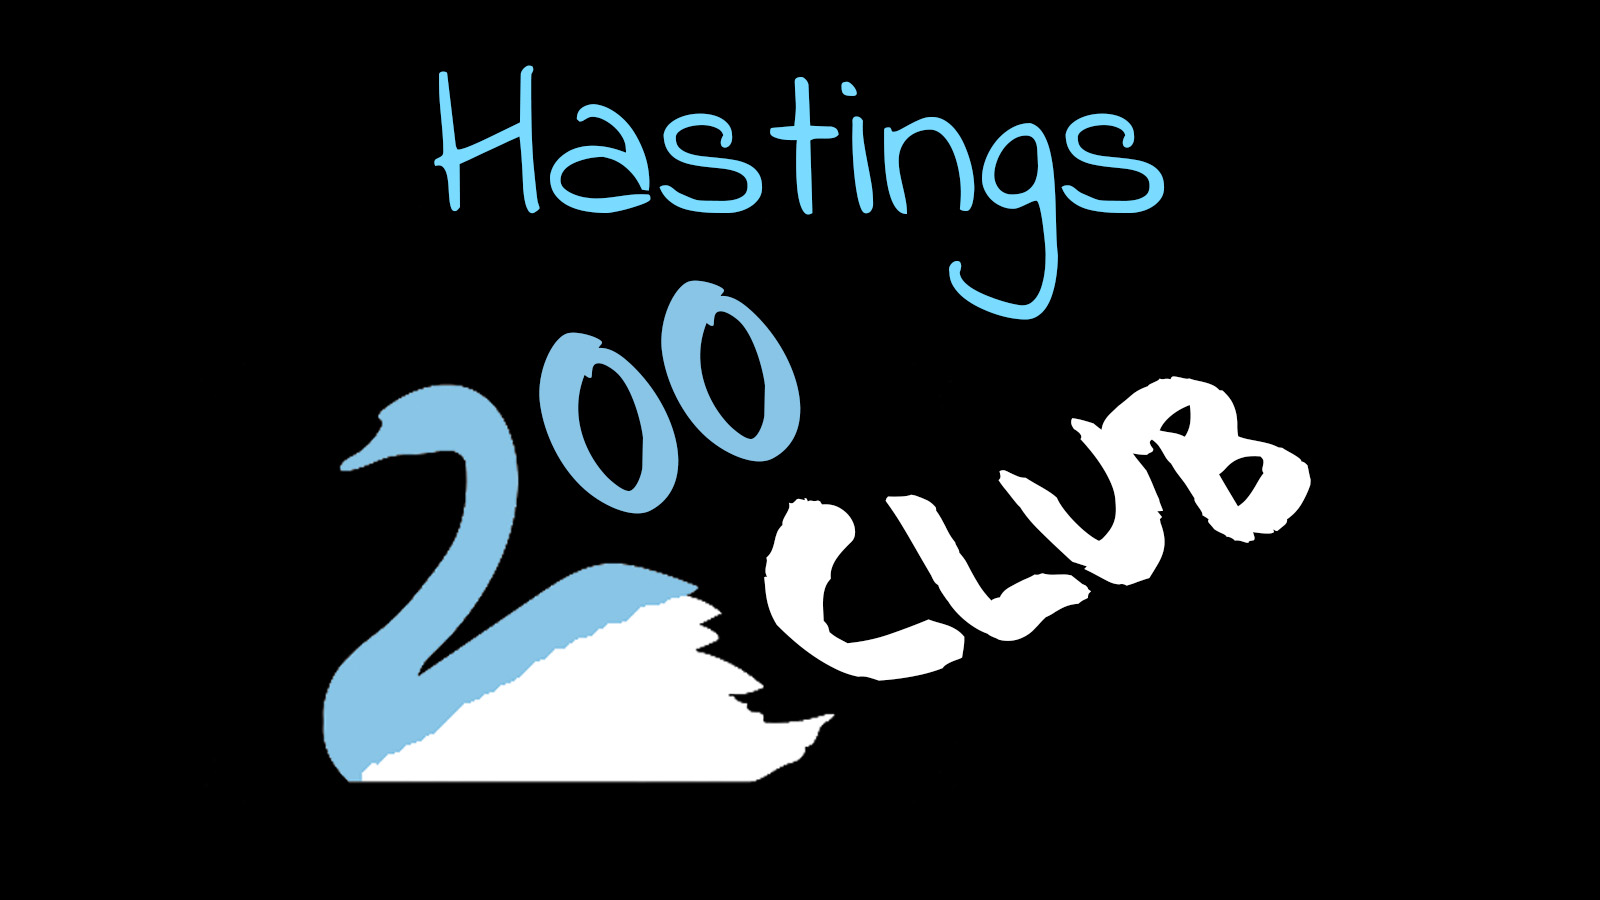 Hastings 200 Club – August Winners